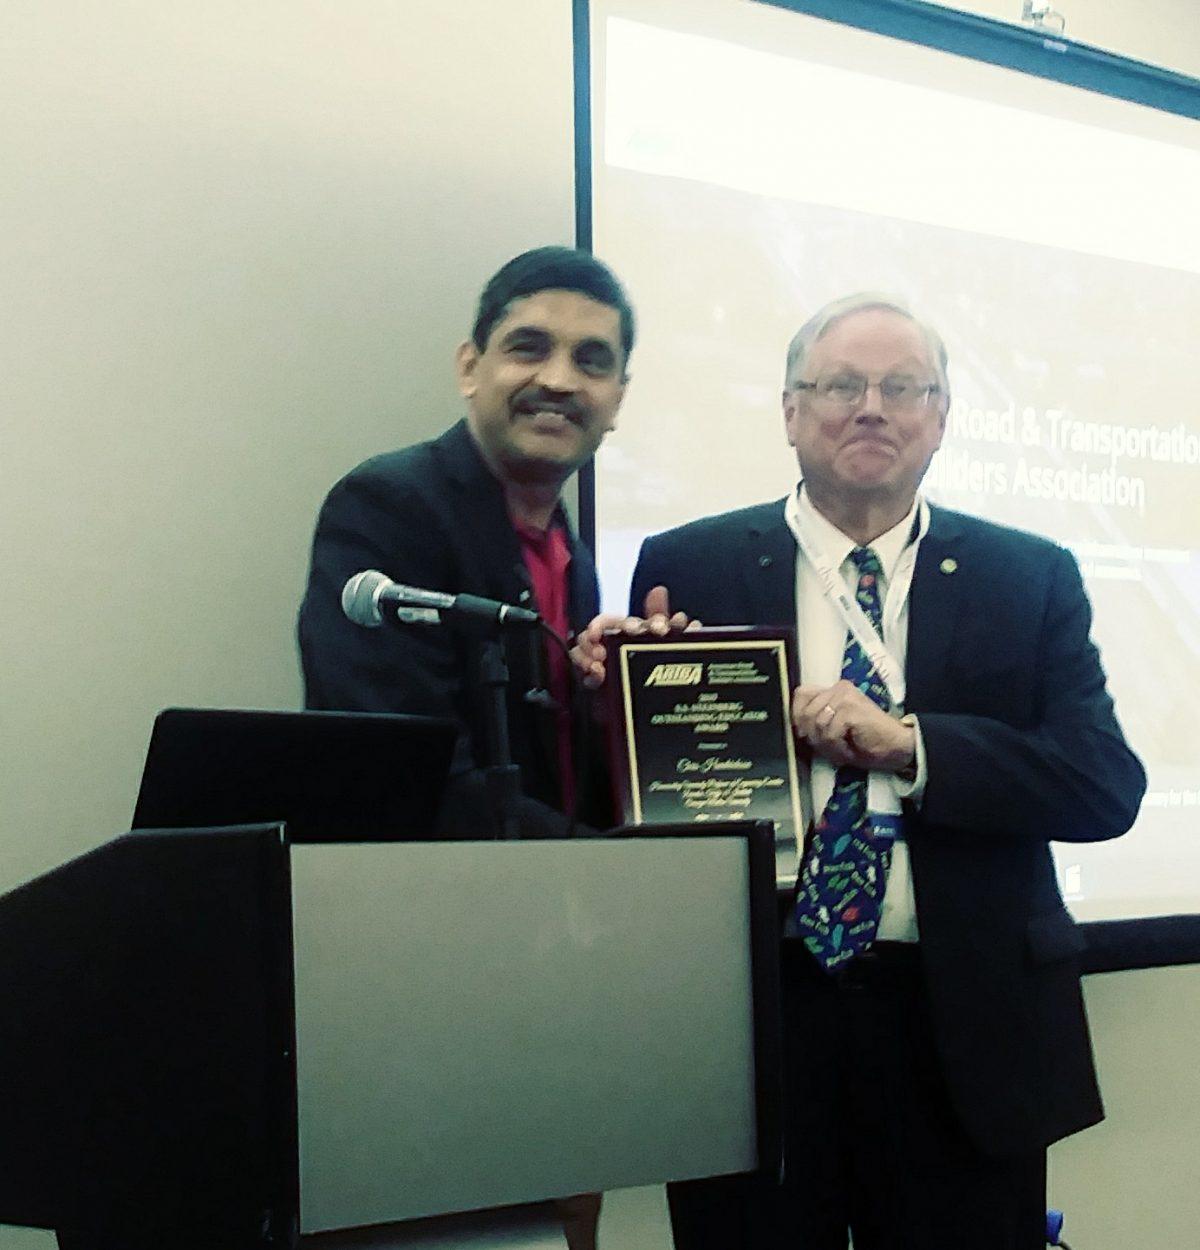 Chris receiving award